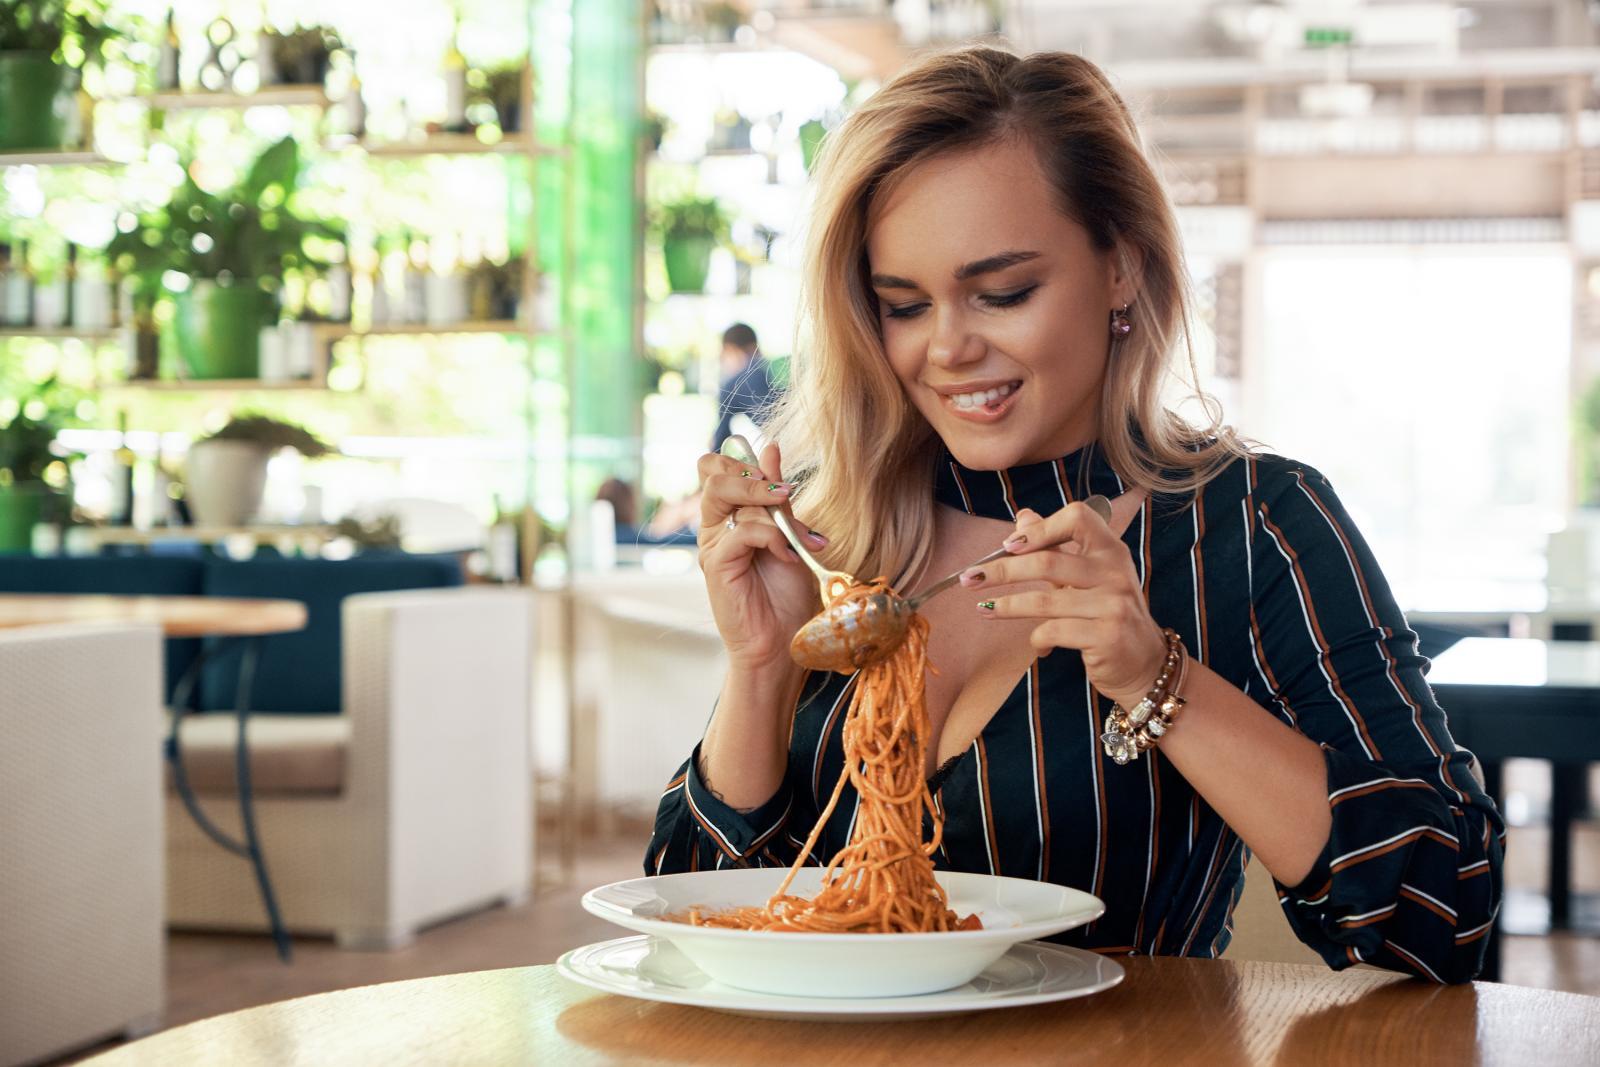 Možda volite bijelu tjesteninu i trenutno ne osjećate posljedice, no činjenica je da je manje dobar izbor od integralne.